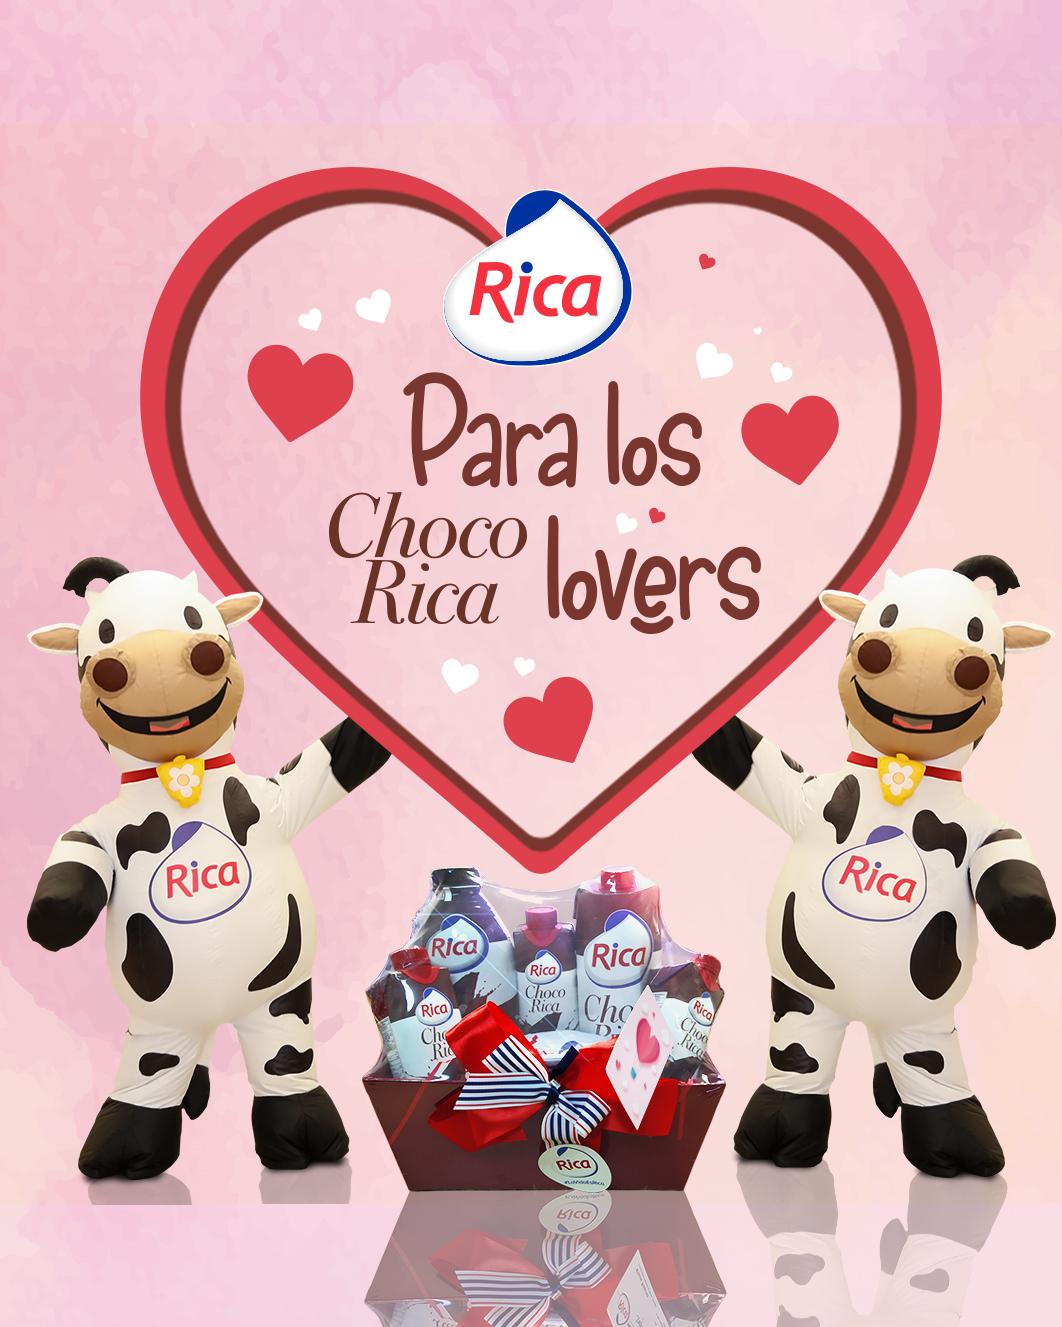 Grupo Rica Choco Rica